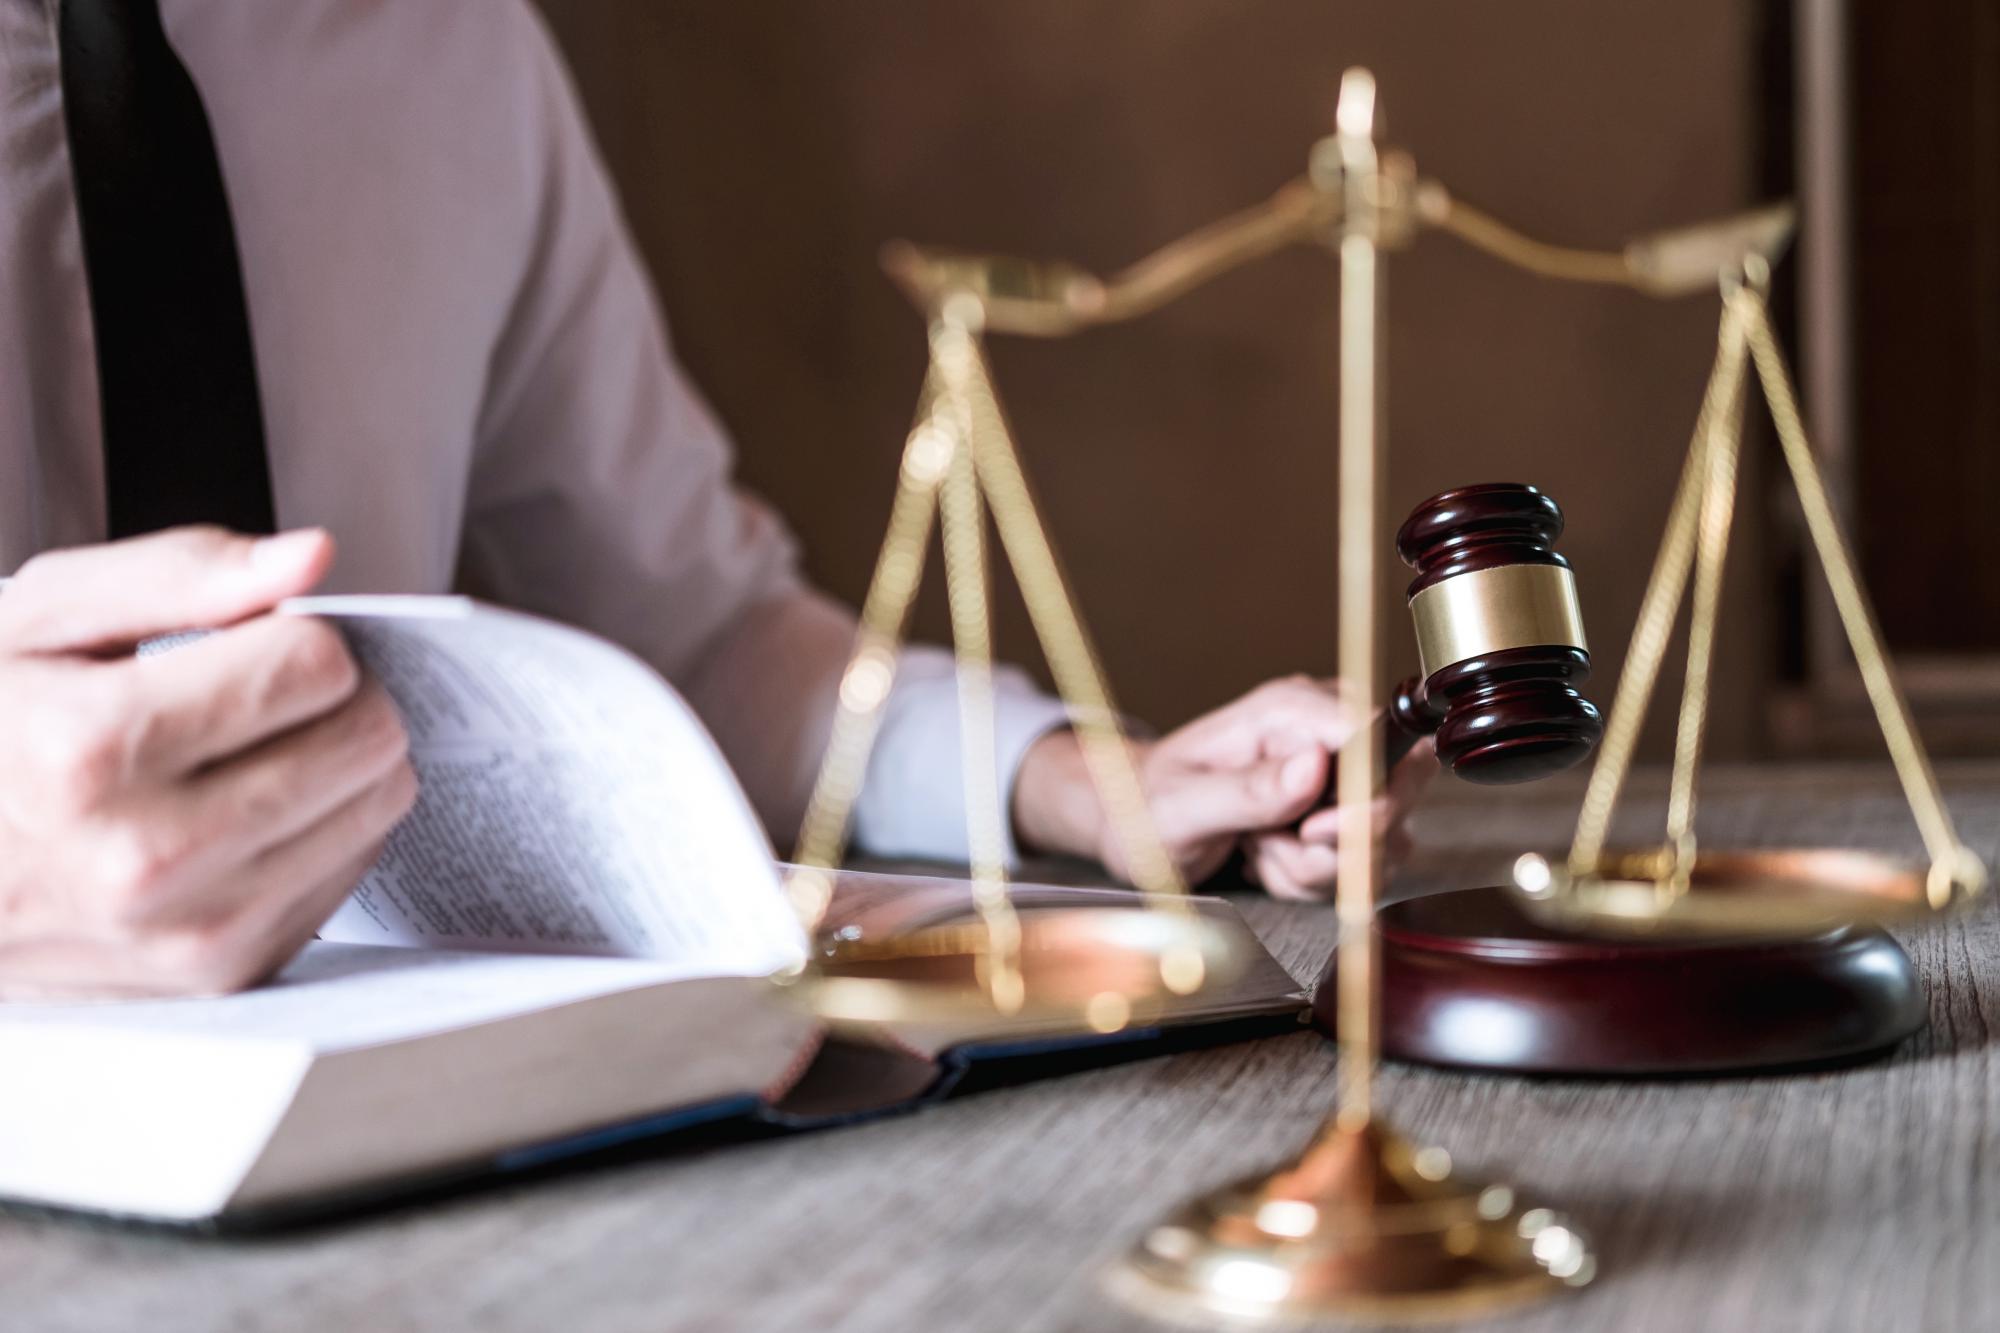 В случае выявления необоснованной налоговой выгоды инспекторы вправе привлечь к ответственности без обращения в суд